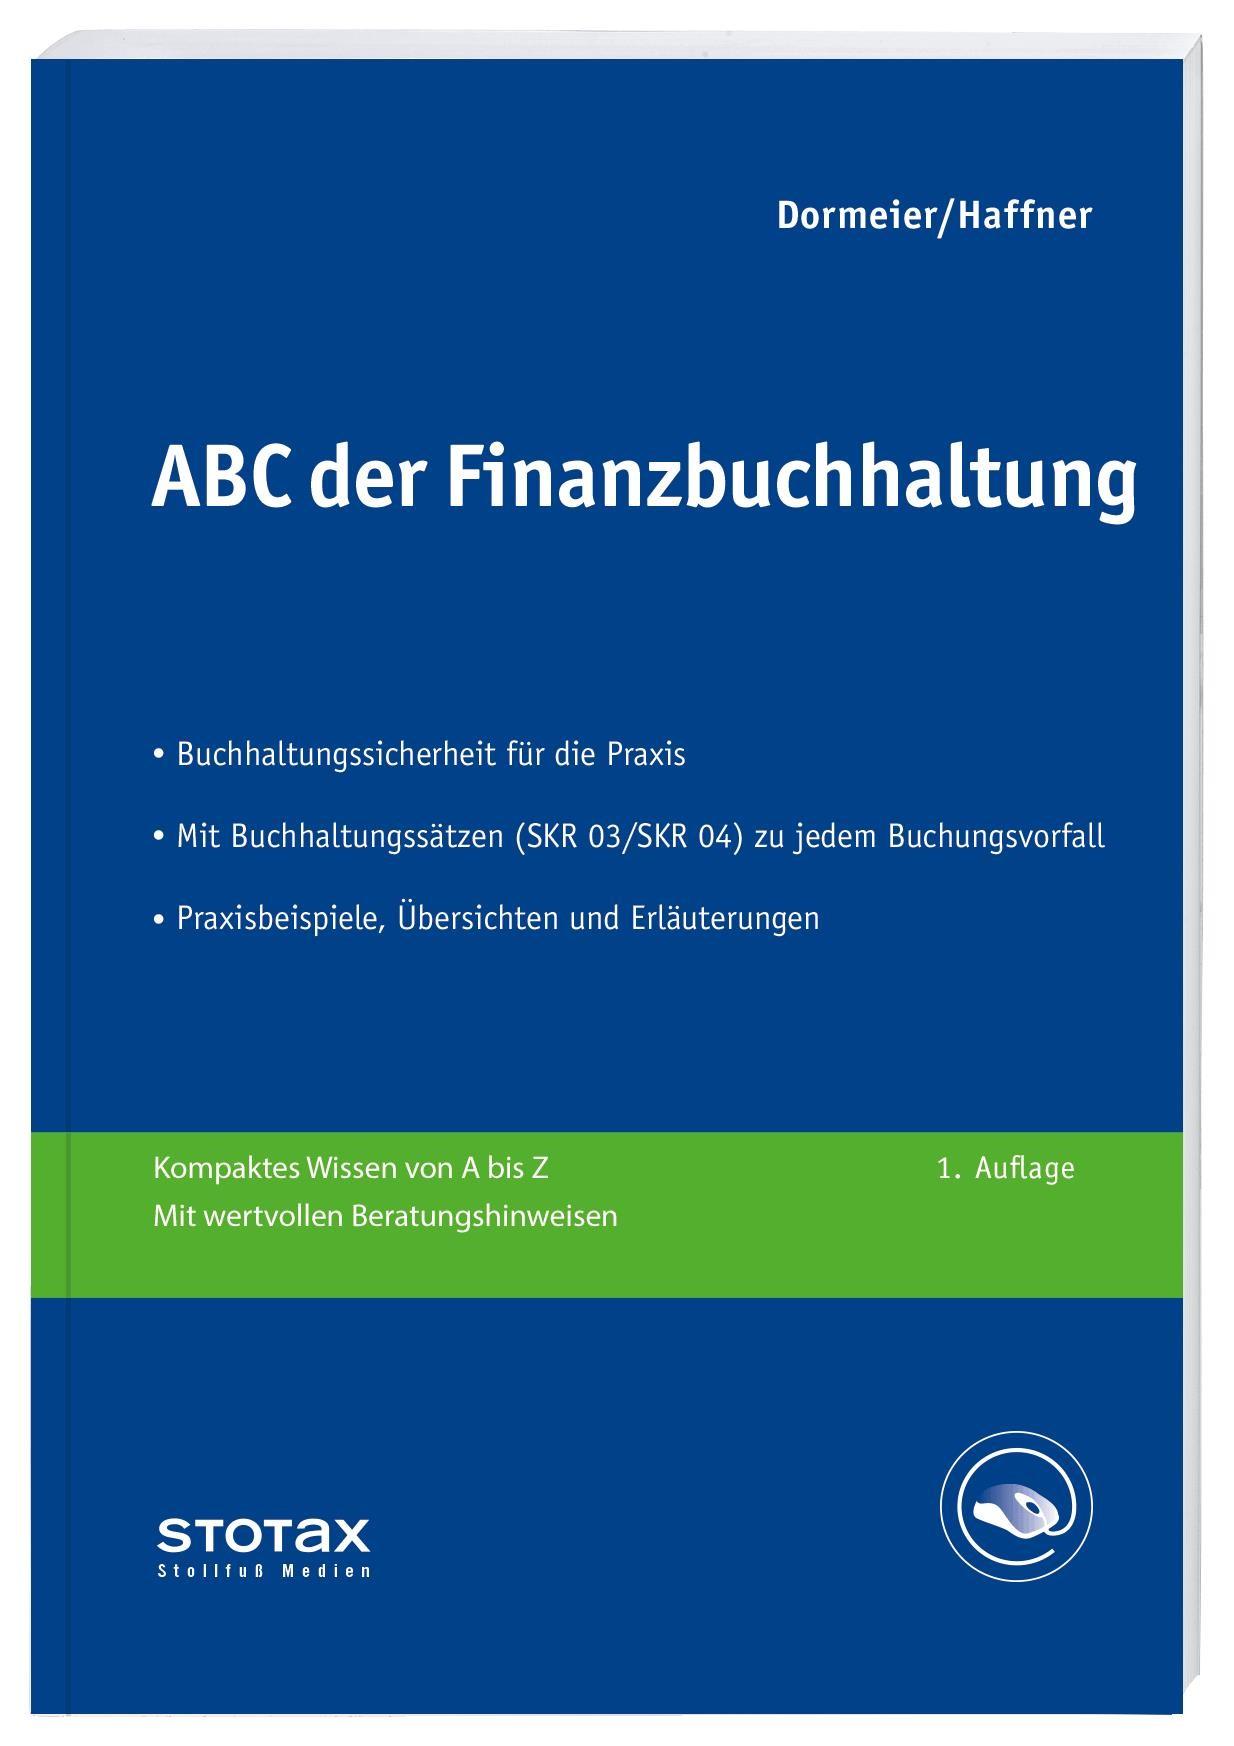 ABC der Finanzbuchhaltung | Dormeier / Haffner, 2018 | Buch (Cover)